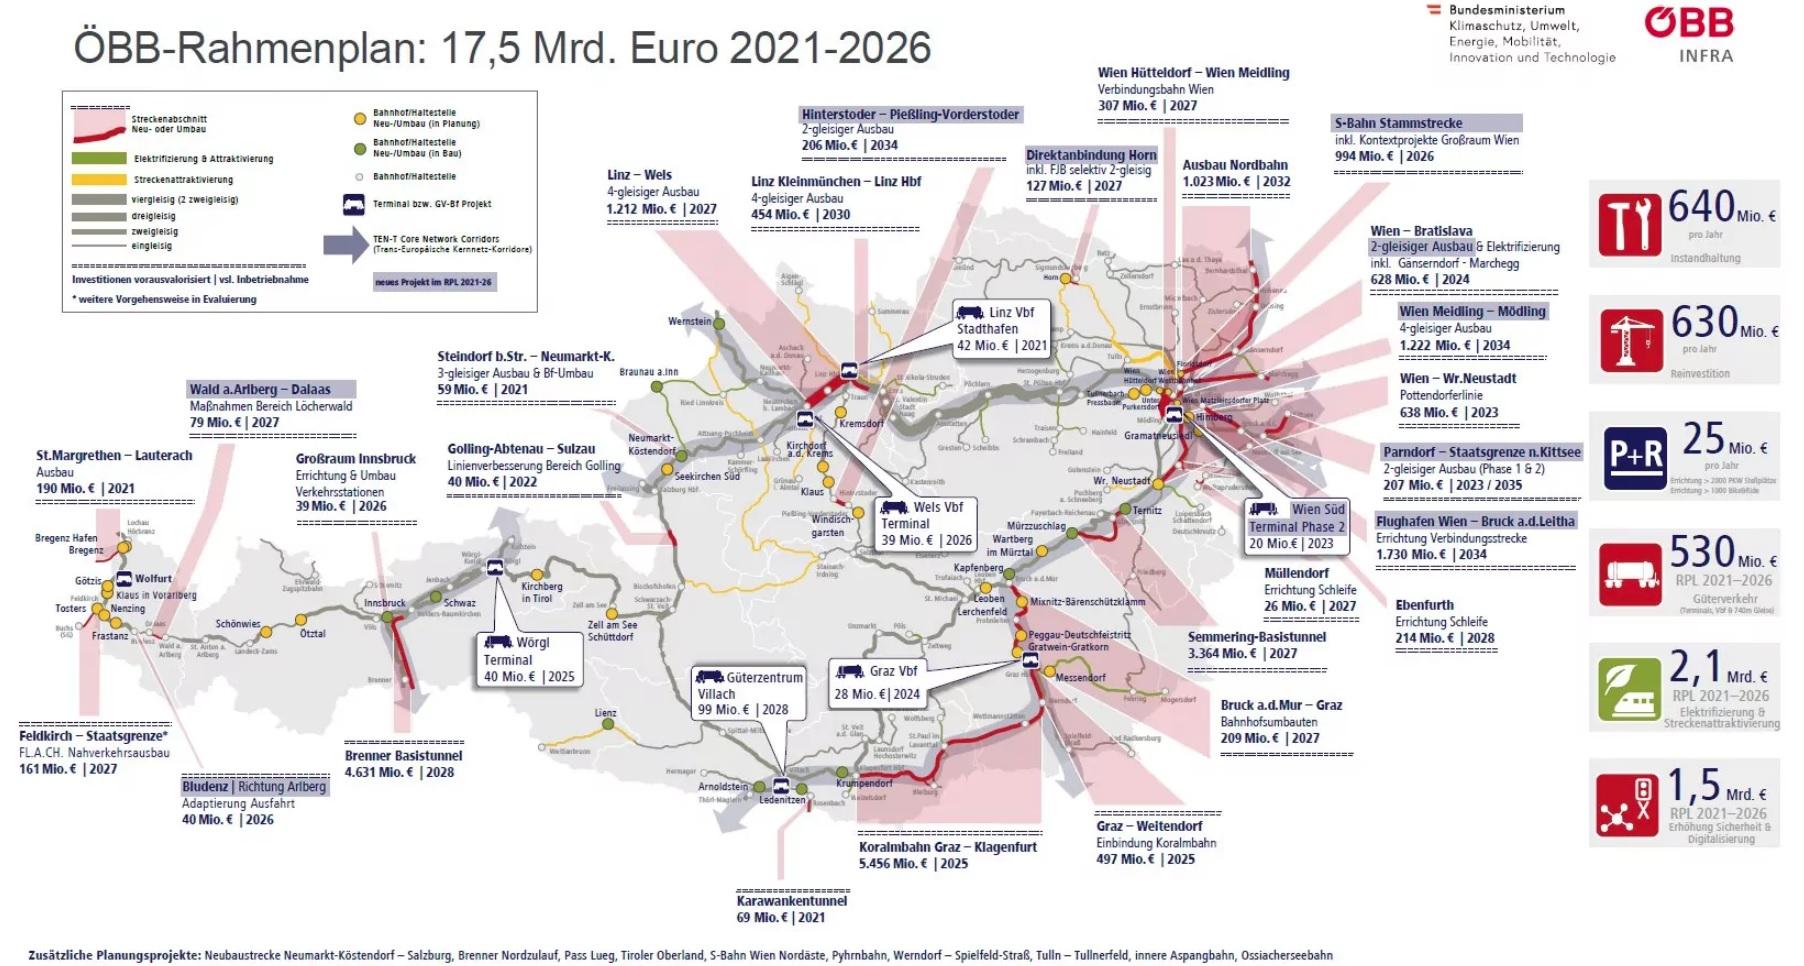 Vasúti fejlesztések a következő öt évben Ausztriában (forrás: ÖBB)